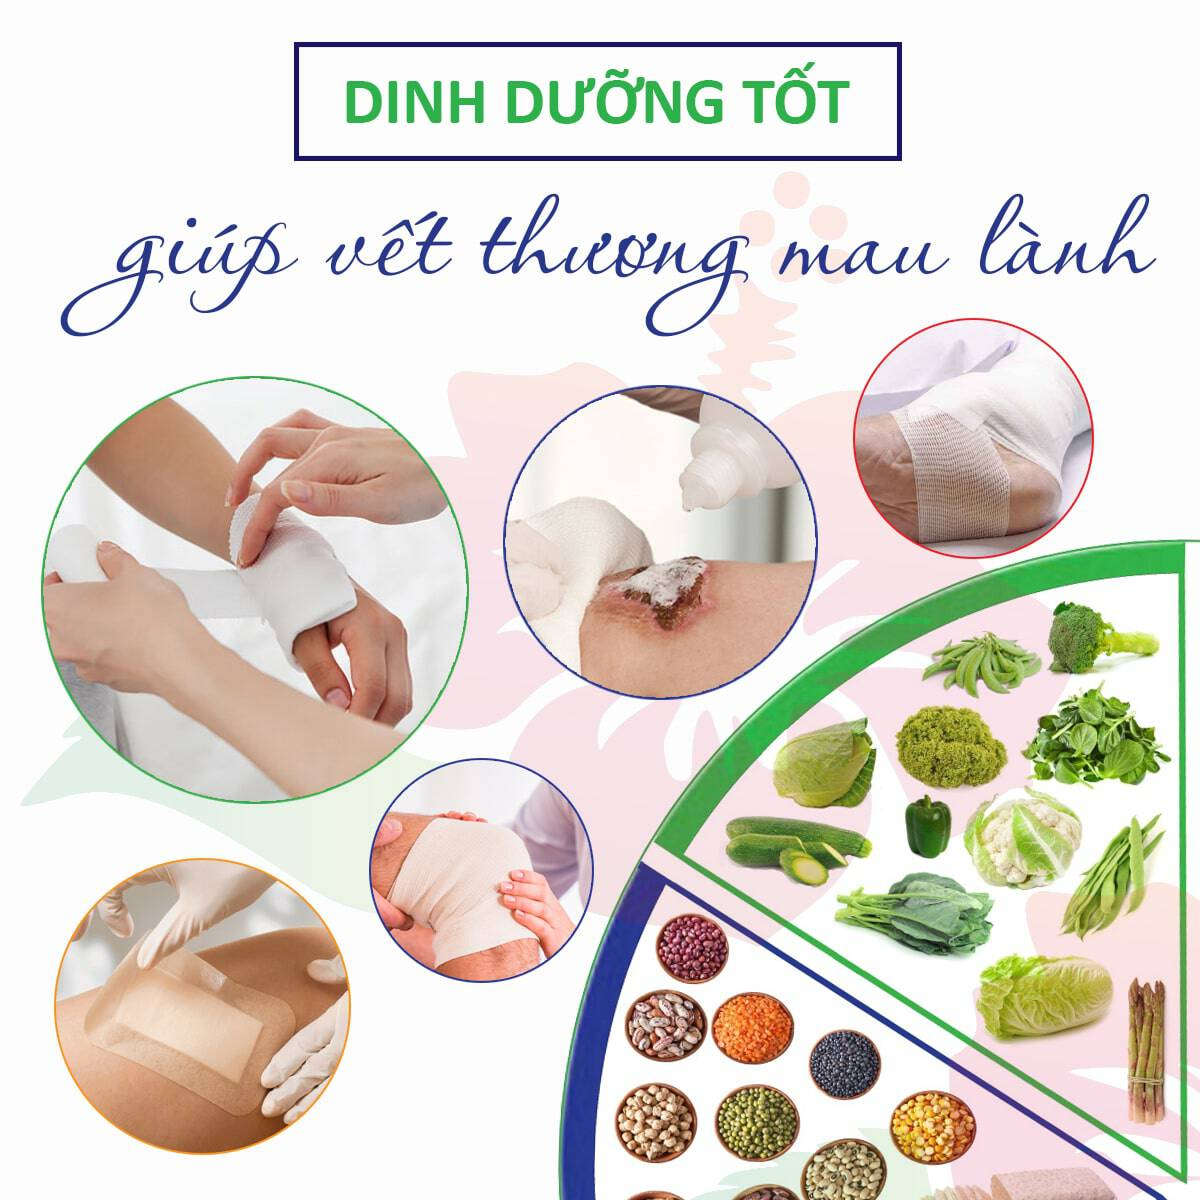 dinh-duong-tot-cho-vet-thuong-chong-lanh-1